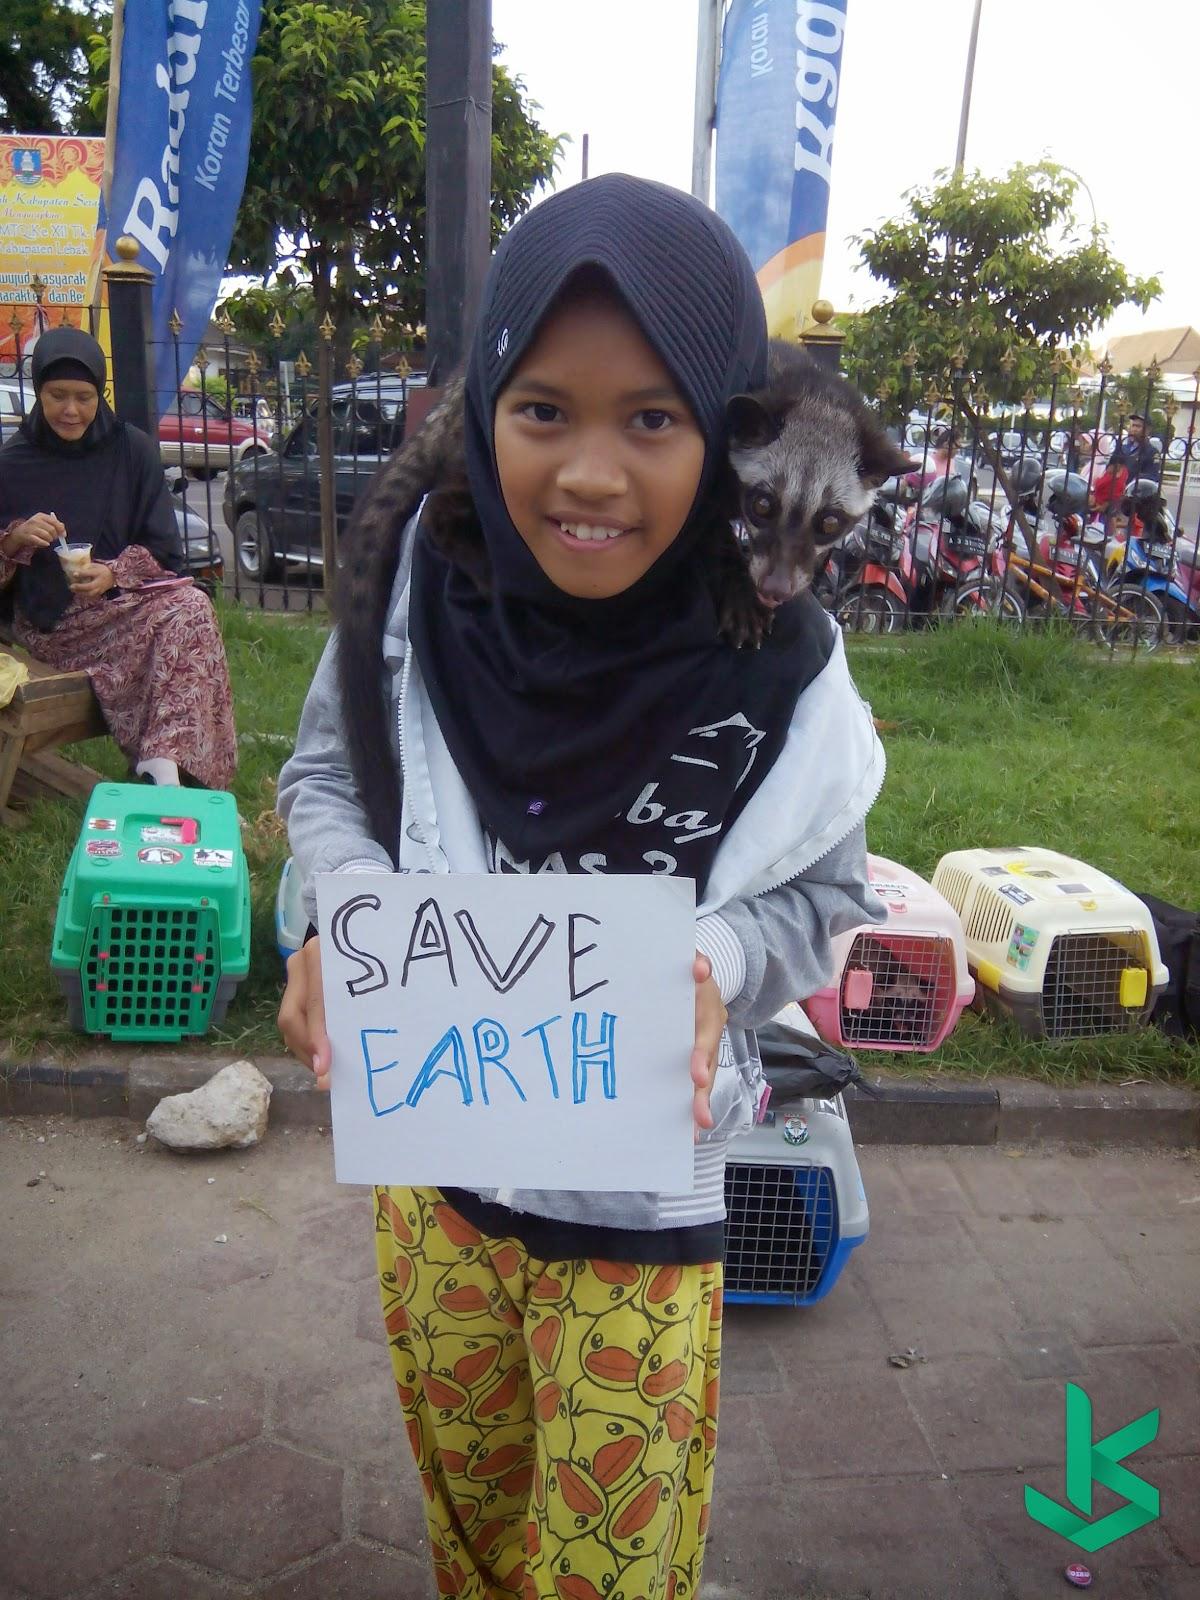 Komunitas Pecinta Musang Earth Hour SERANG 2015 - 28 Maret 2015